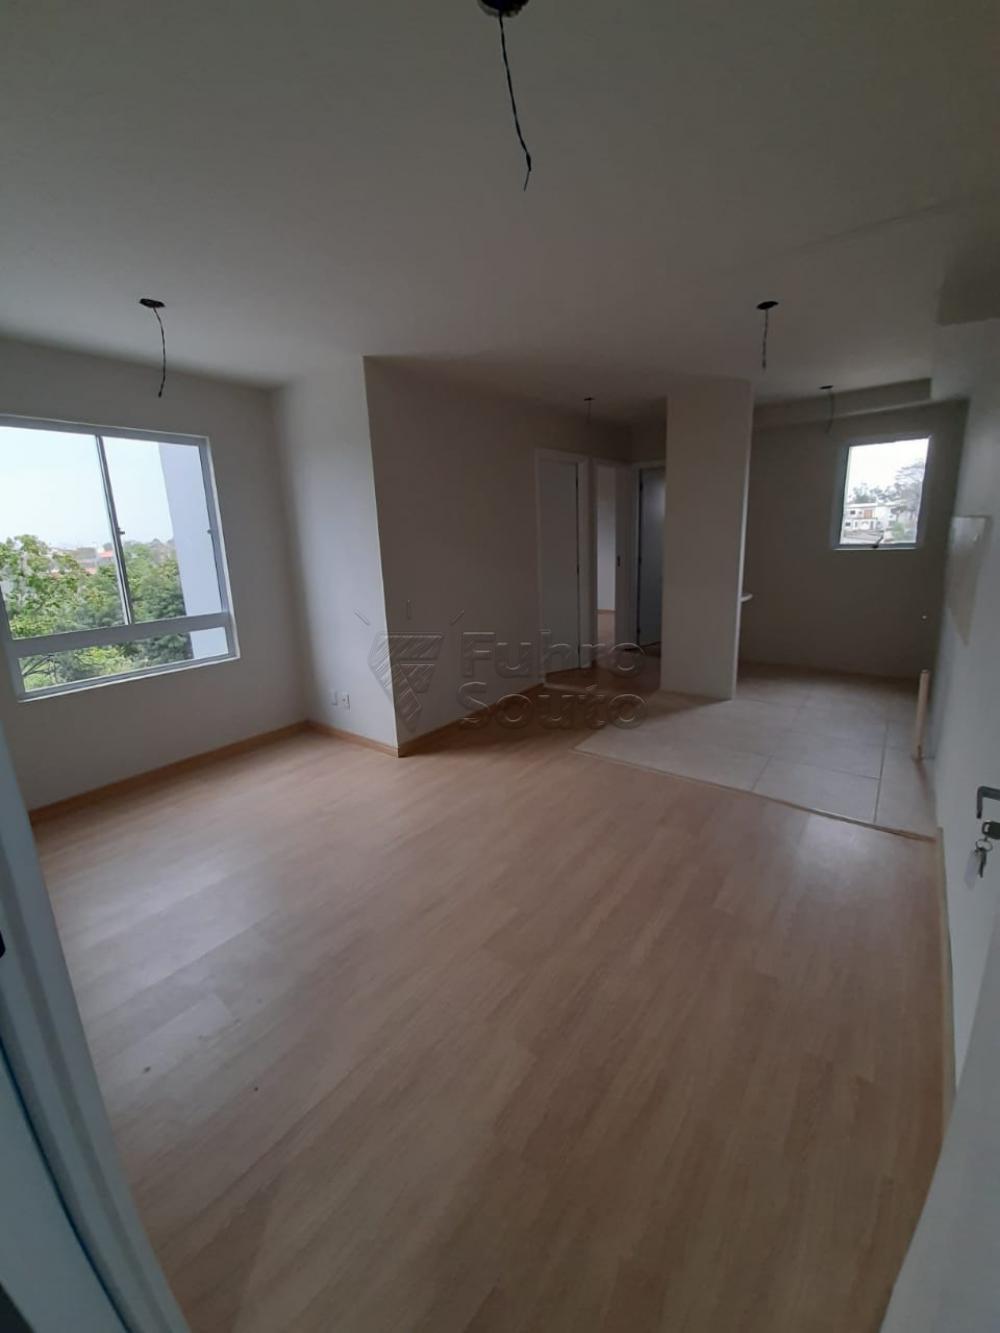 Comprar Apartamento / Padrão em Pelotas R$ 148.000,00 - Foto 1